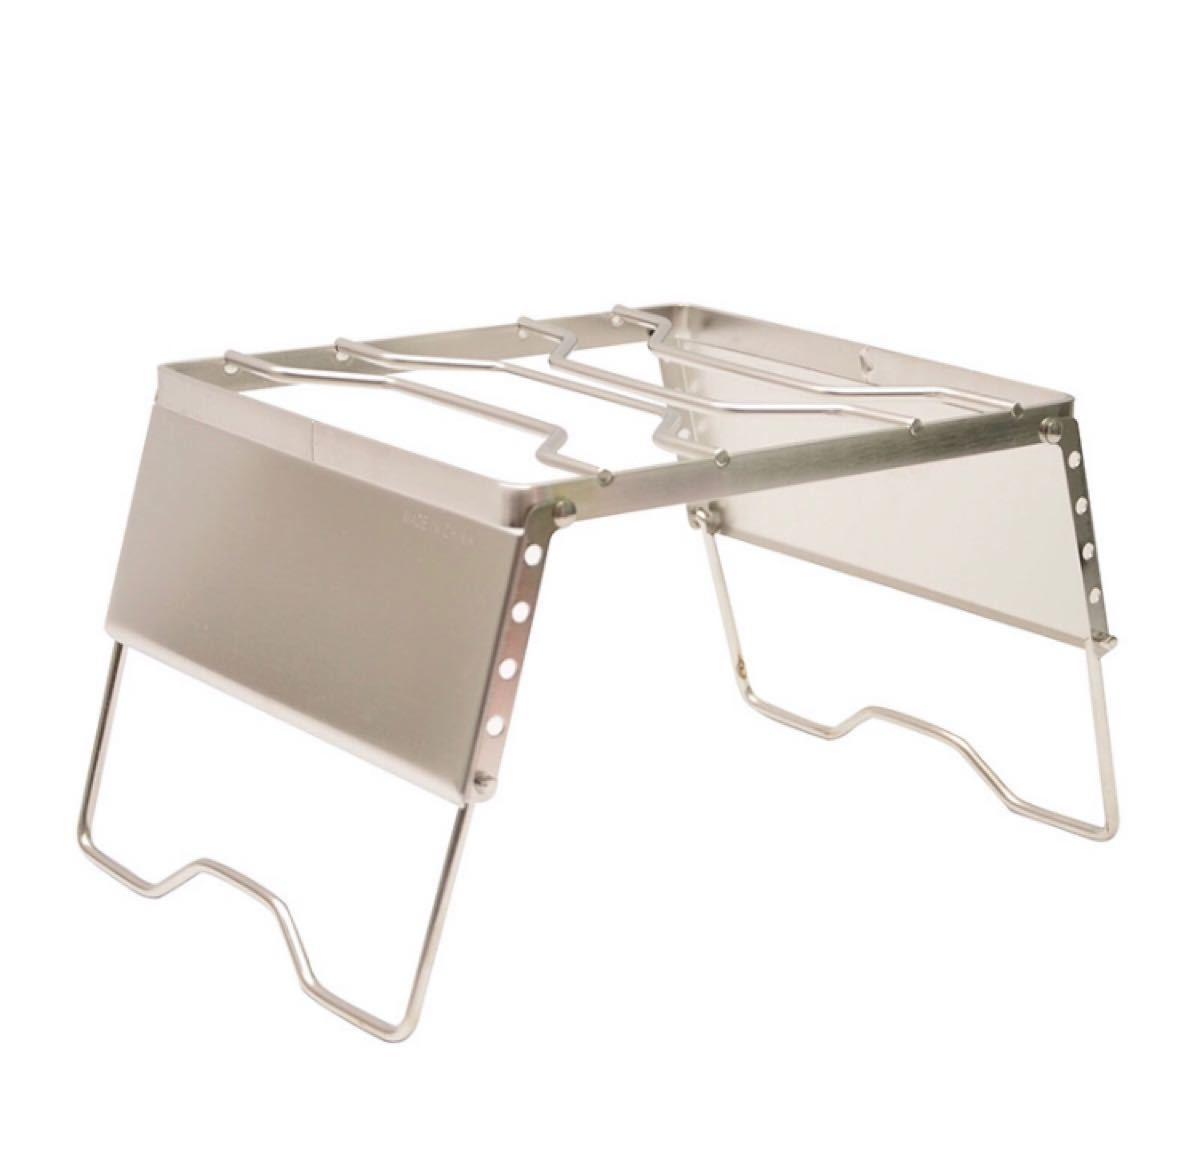 シングルバーナースタンド クッカースタンド グリルスタンド 風防板付き 高さ調整可能クッカースタンド 折りたたみ式